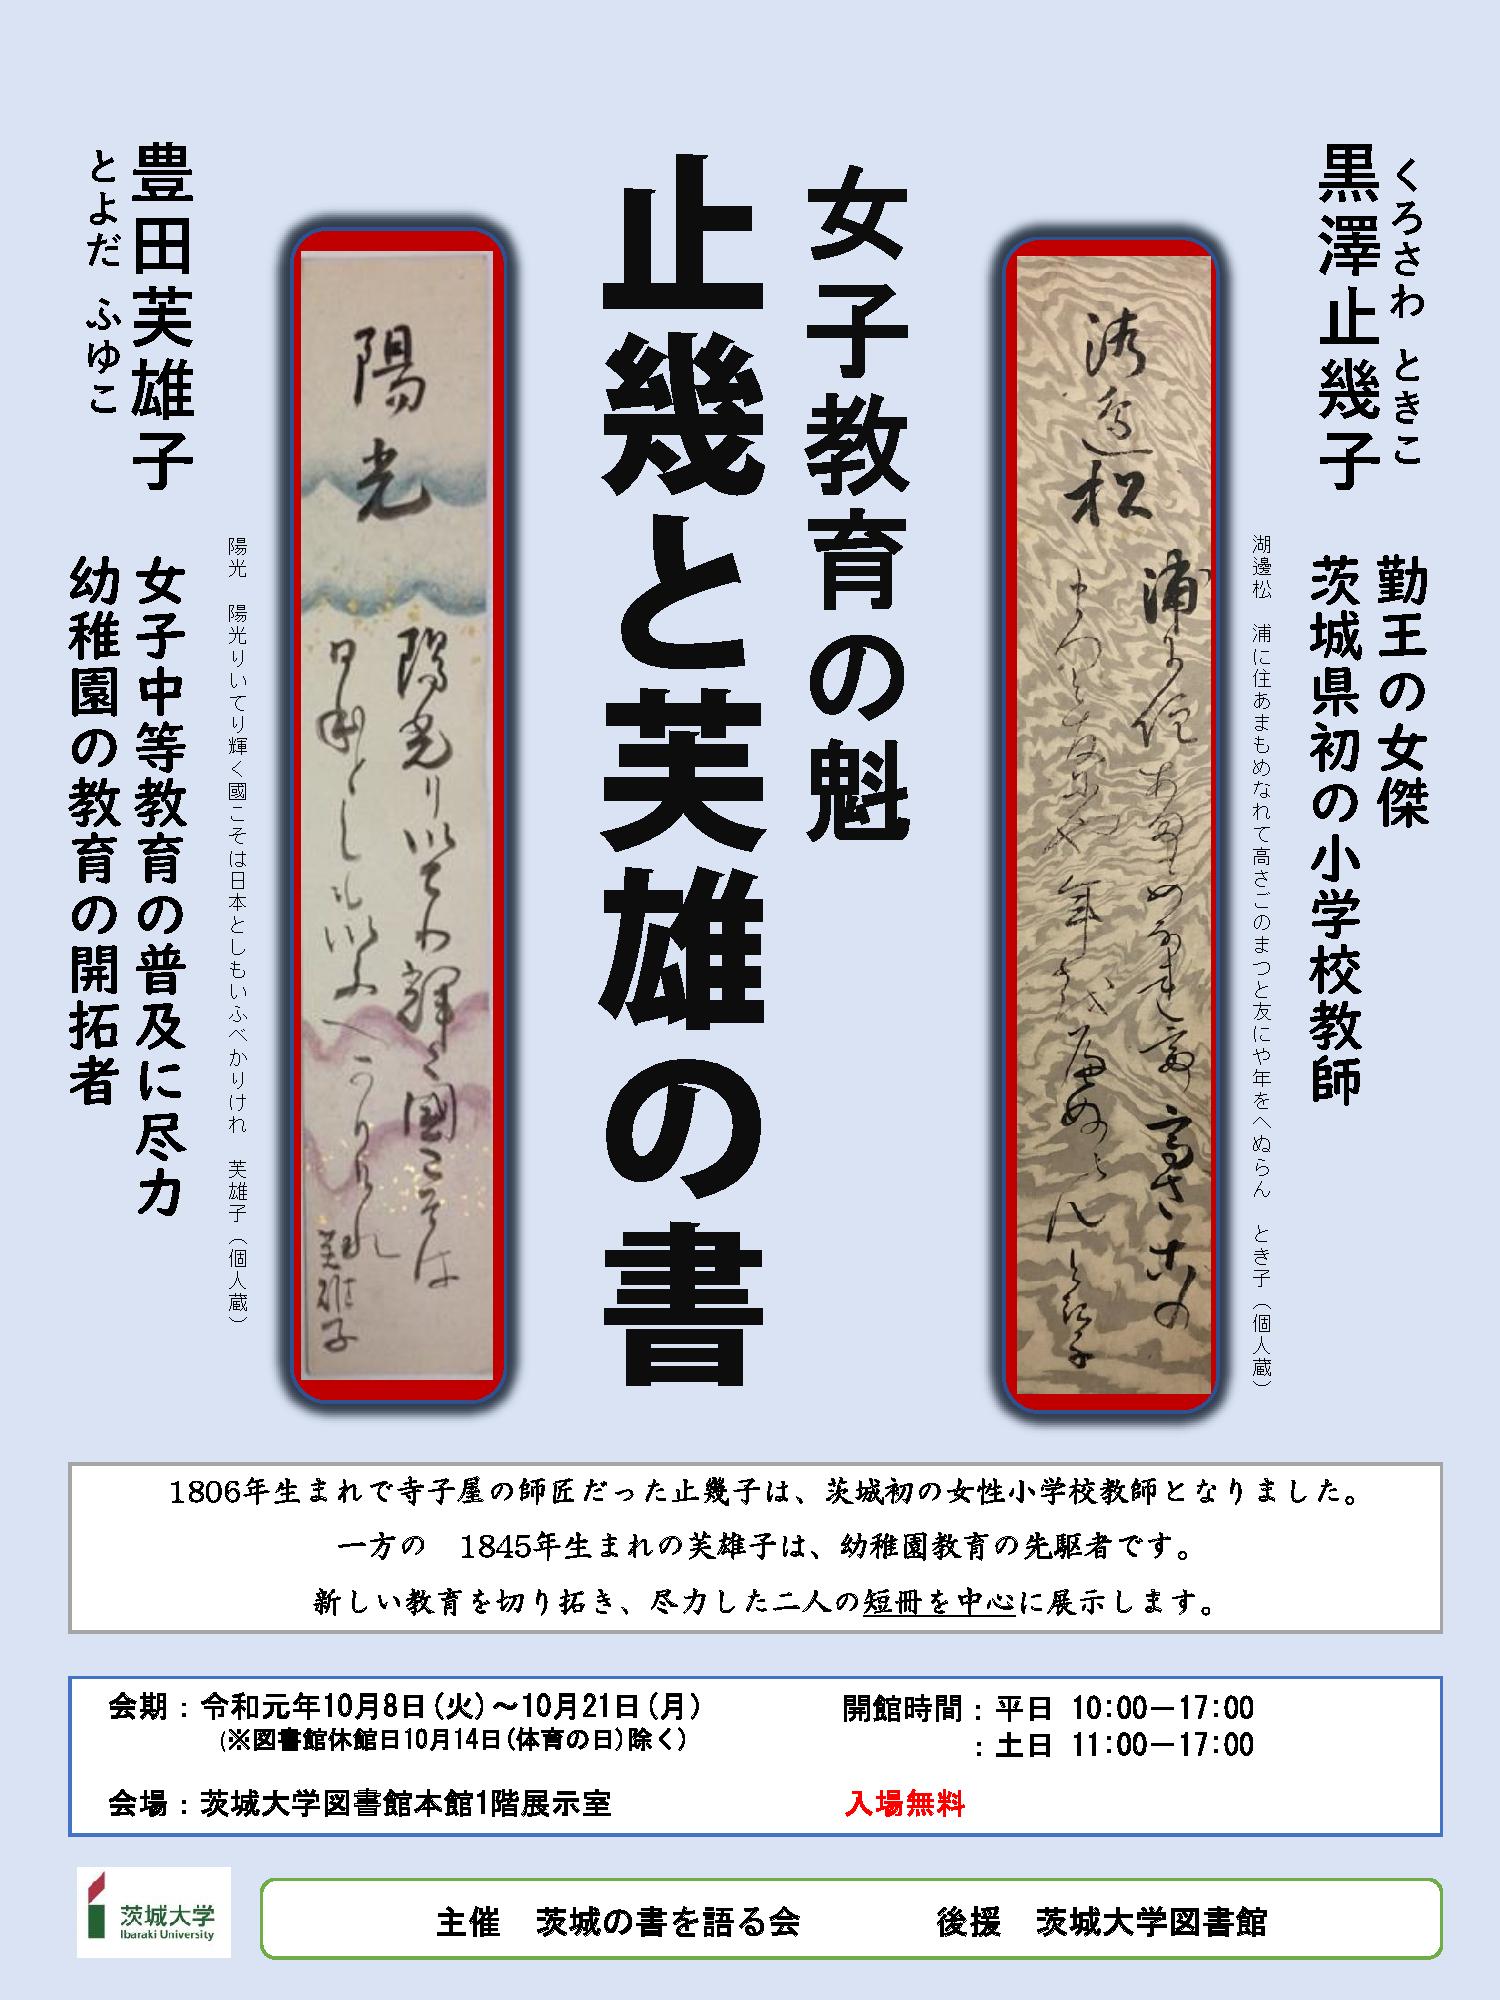 tanzaku_tennji_1910.png